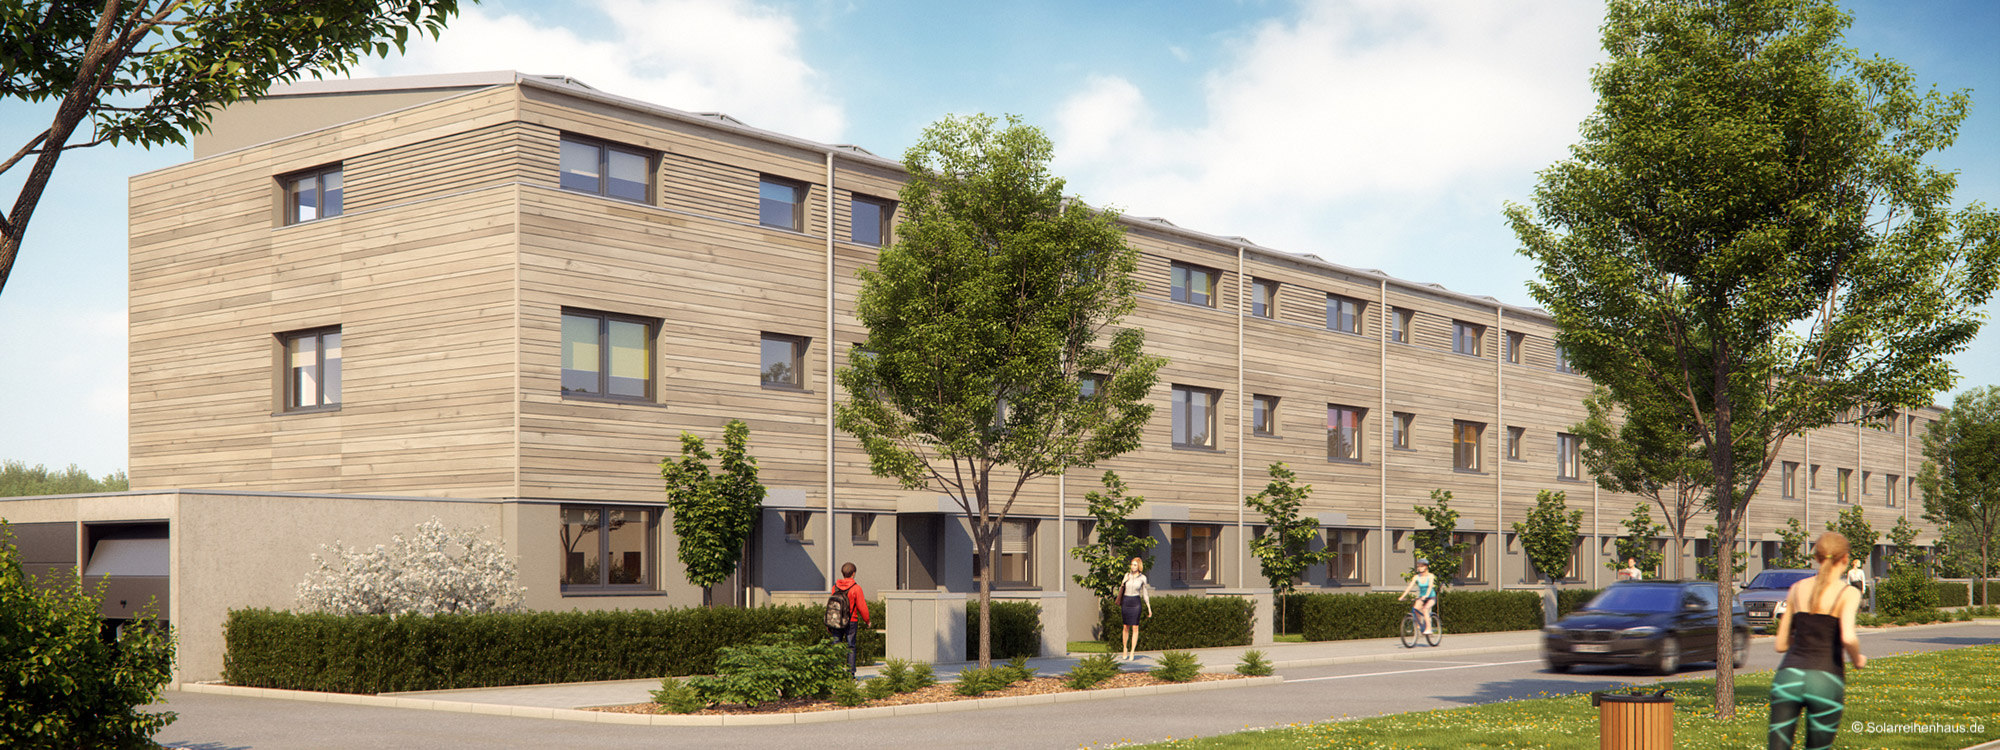 Solarreihenhaus - modern und wohngesund in Holzbauweise. Im Neubaugebiet Regensburg Burgweinting